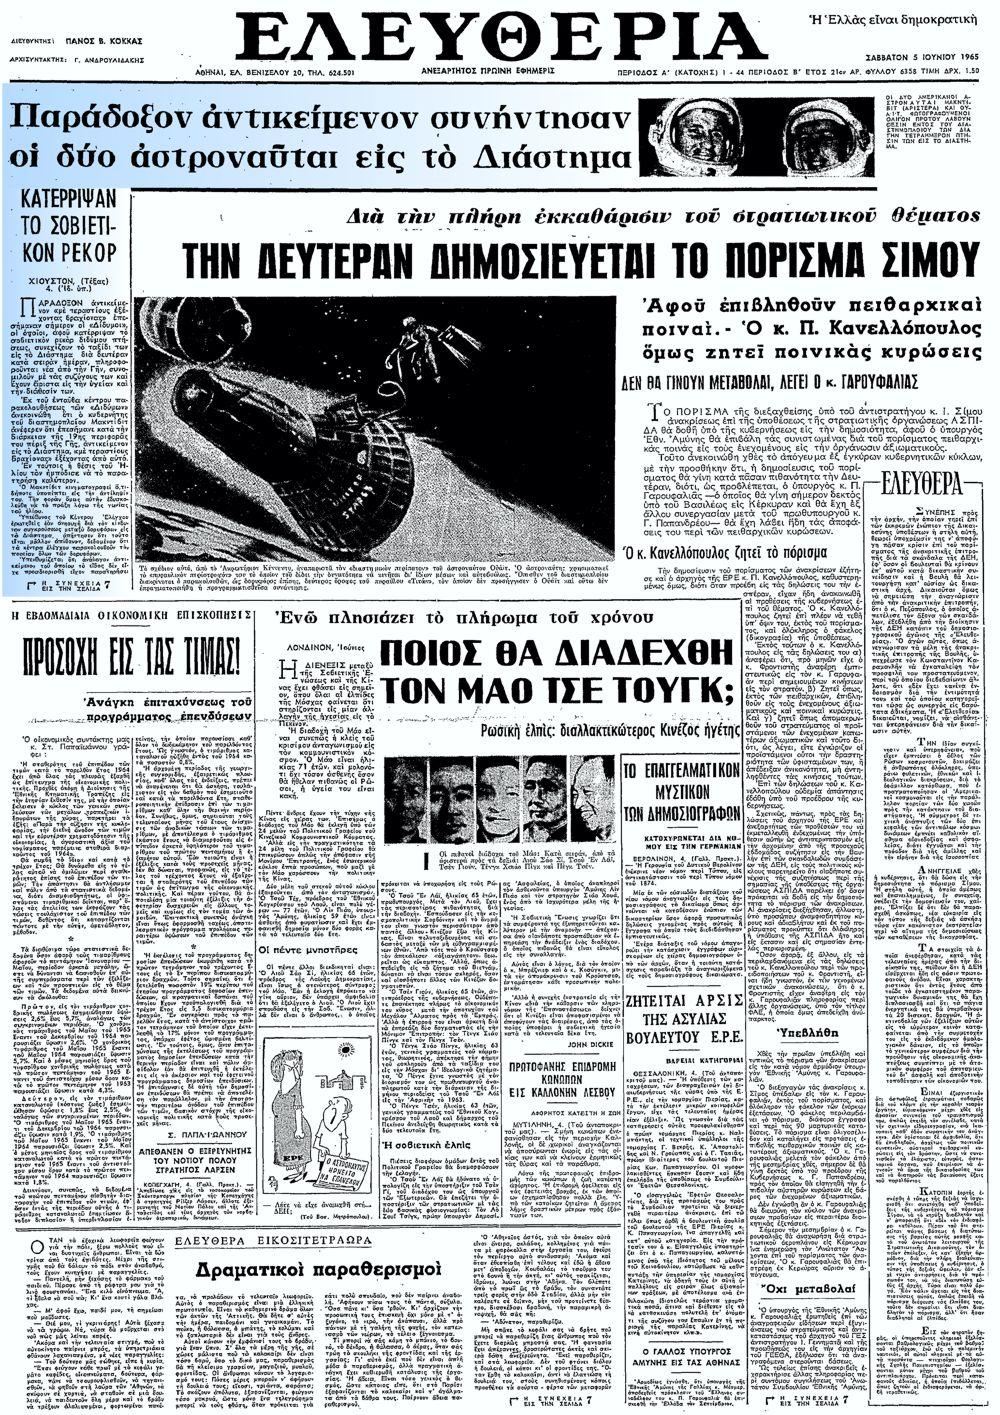 """Το άρθρο, όπως δημοσιεύθηκε στην εφημερίδα """"ΕΛΕΥΘΕΡΙΑ"""", στις 05/06/1965"""